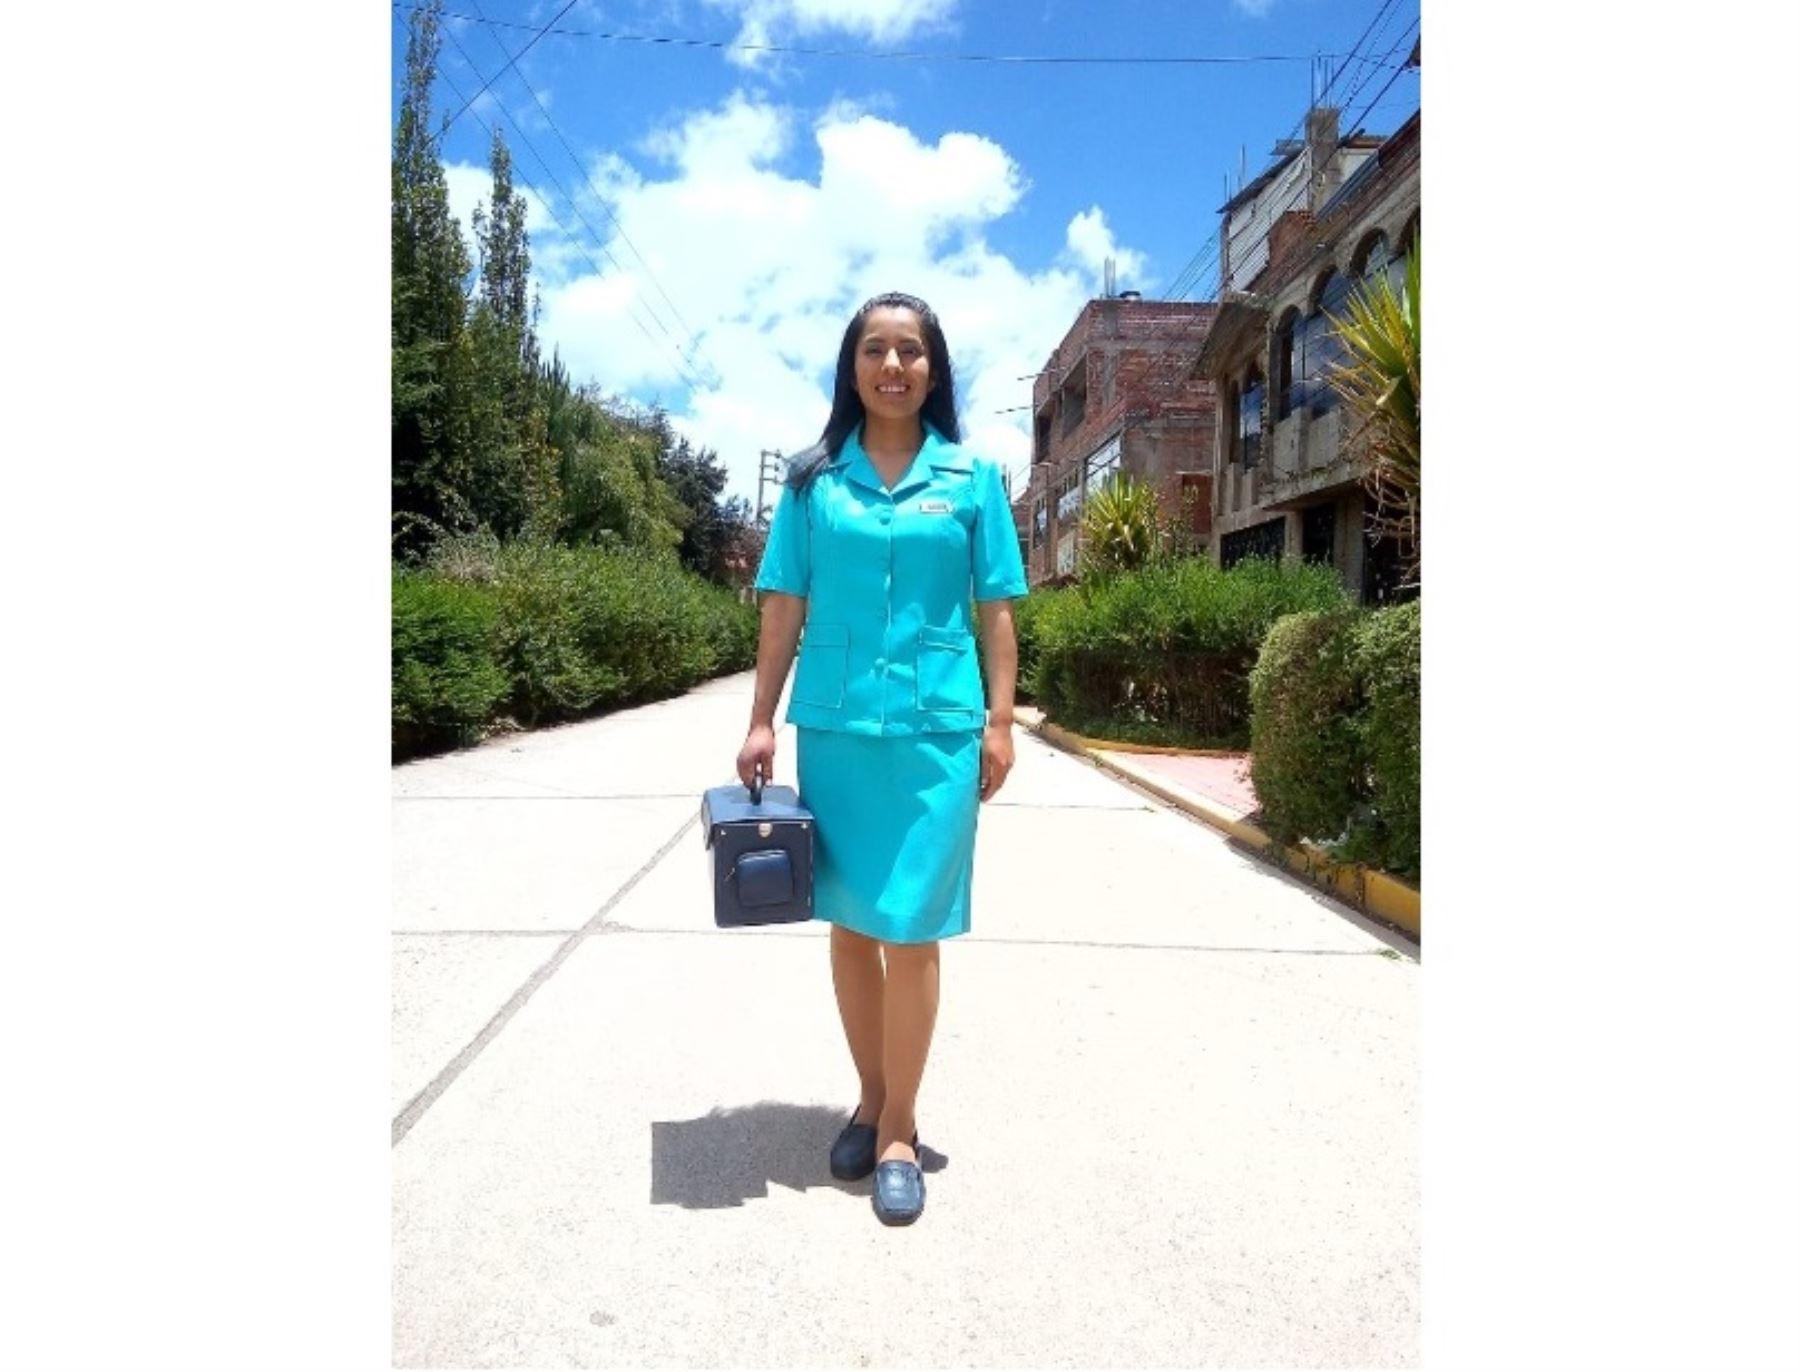 Conoce a Edith Callomamani, la joven estudiante de Enfermería que impulsa un proyecto de manejo adecuado de residuos sólidos en su natal pueblo de Chacollo, distrito de Ácora, en Puno. ANDINA/Difusión